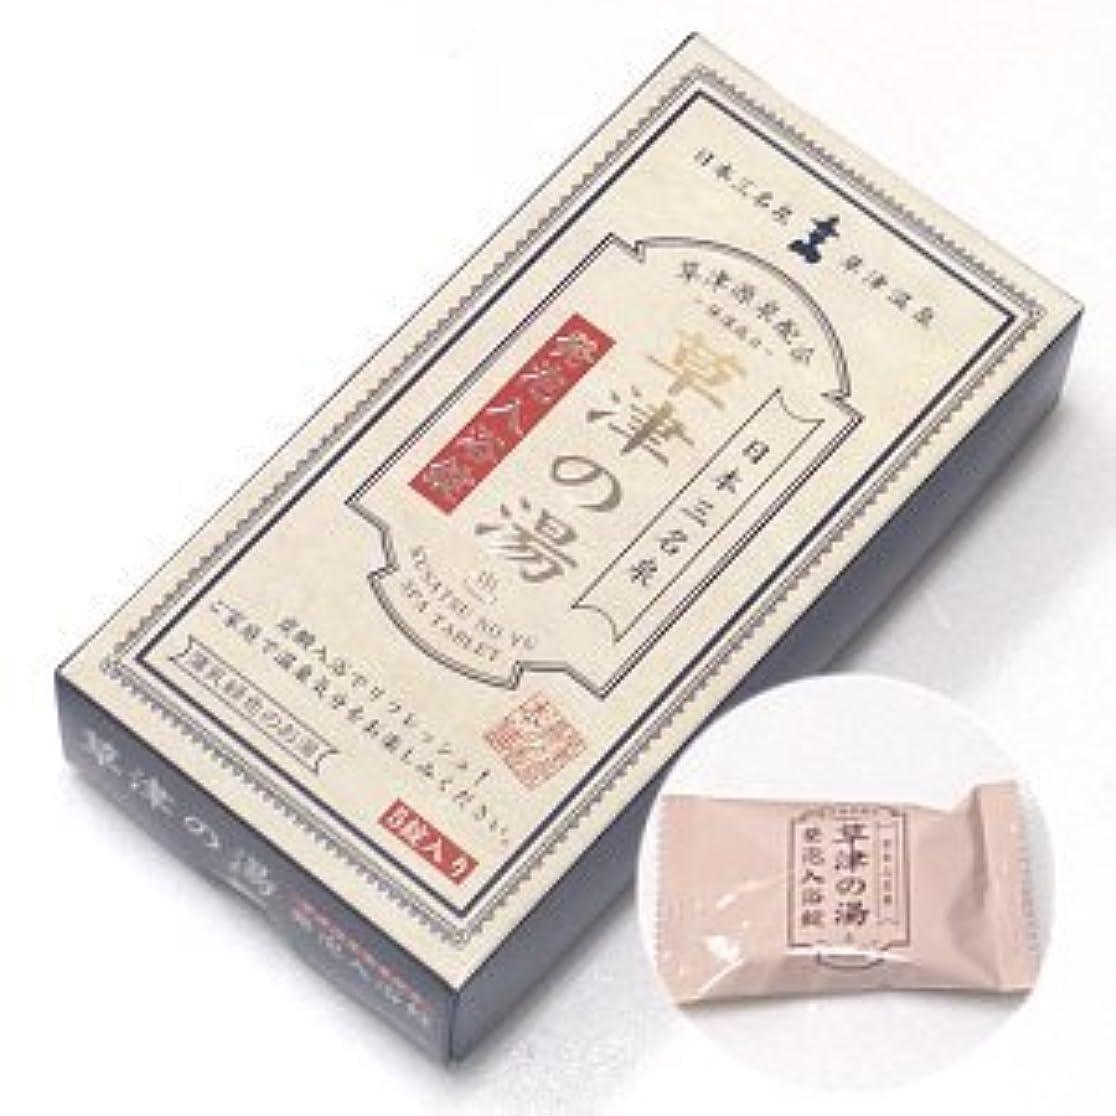 家誘導裁定日本三名泉 草津の湯 発泡入浴剤 5錠入 30gx5